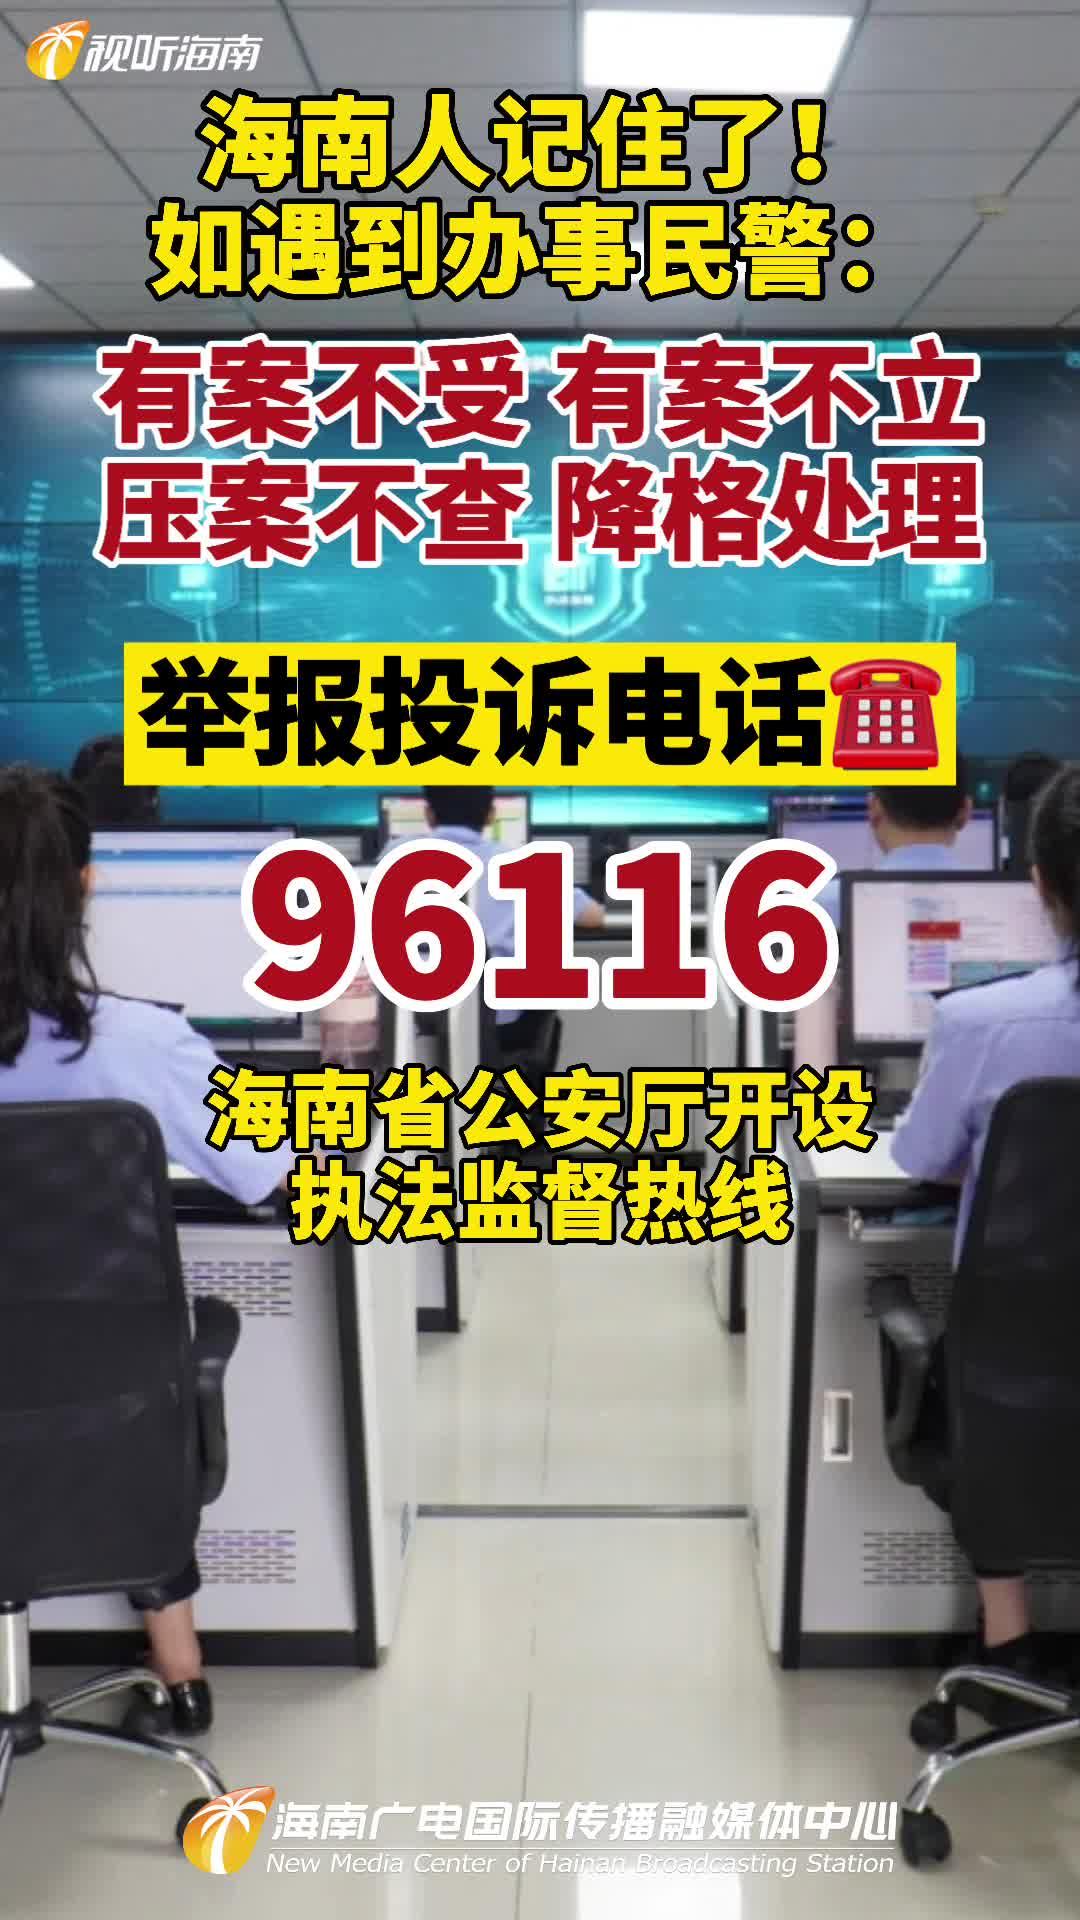 海南省公安厅开设96116执法监督热线!